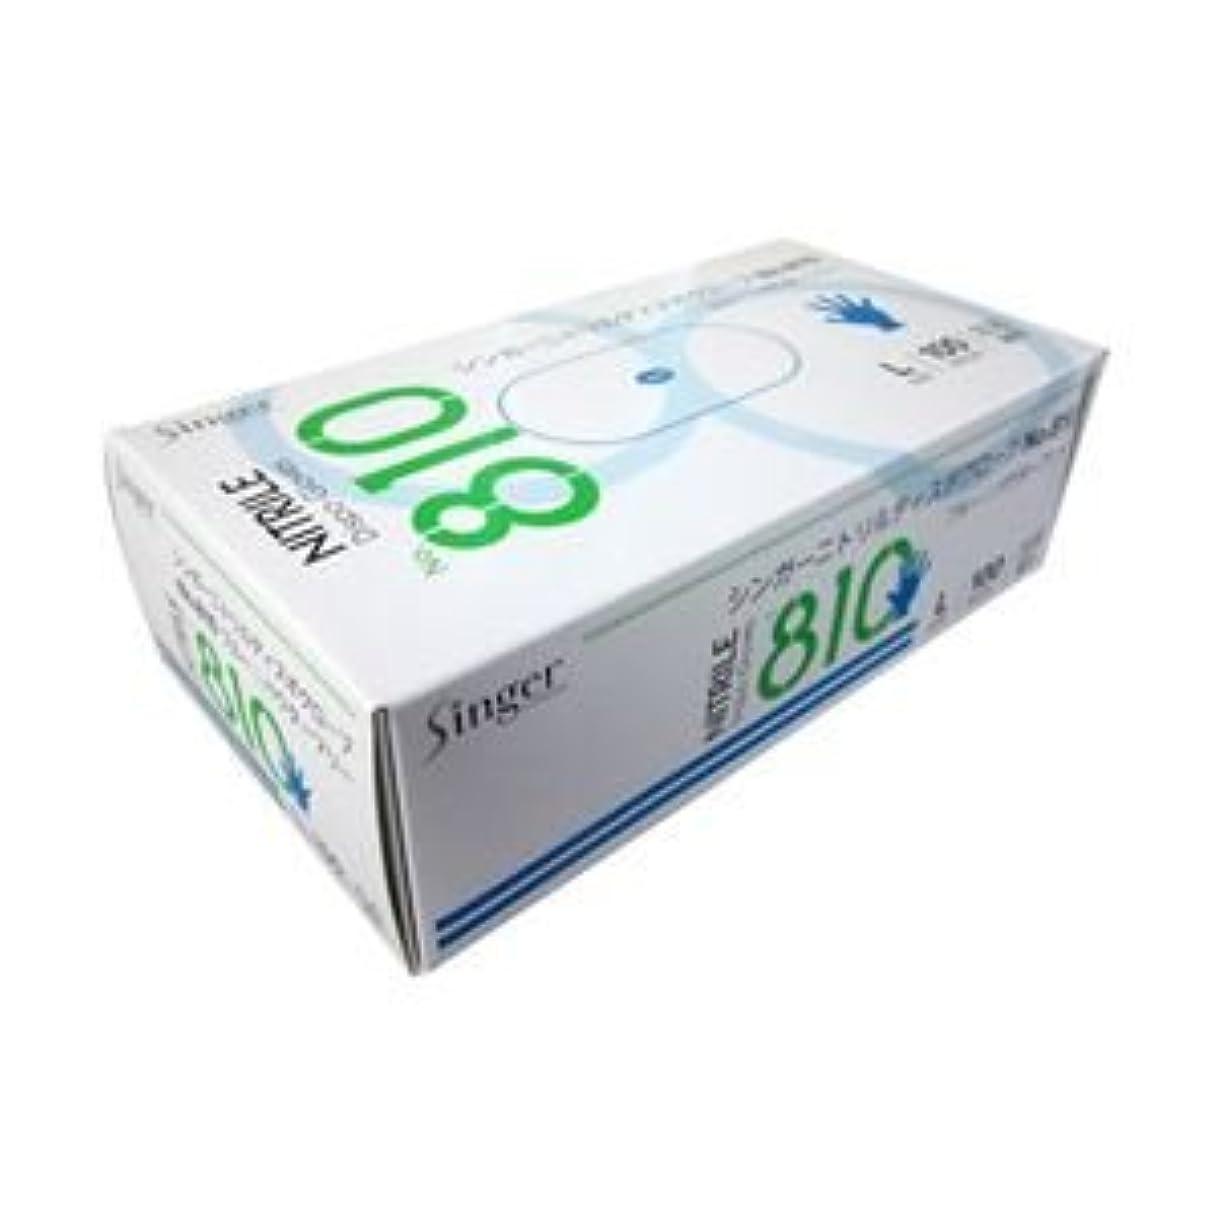 宇都宮製作 ニトリル手袋 粉なし ブルー L 1箱(100枚) ×5セット